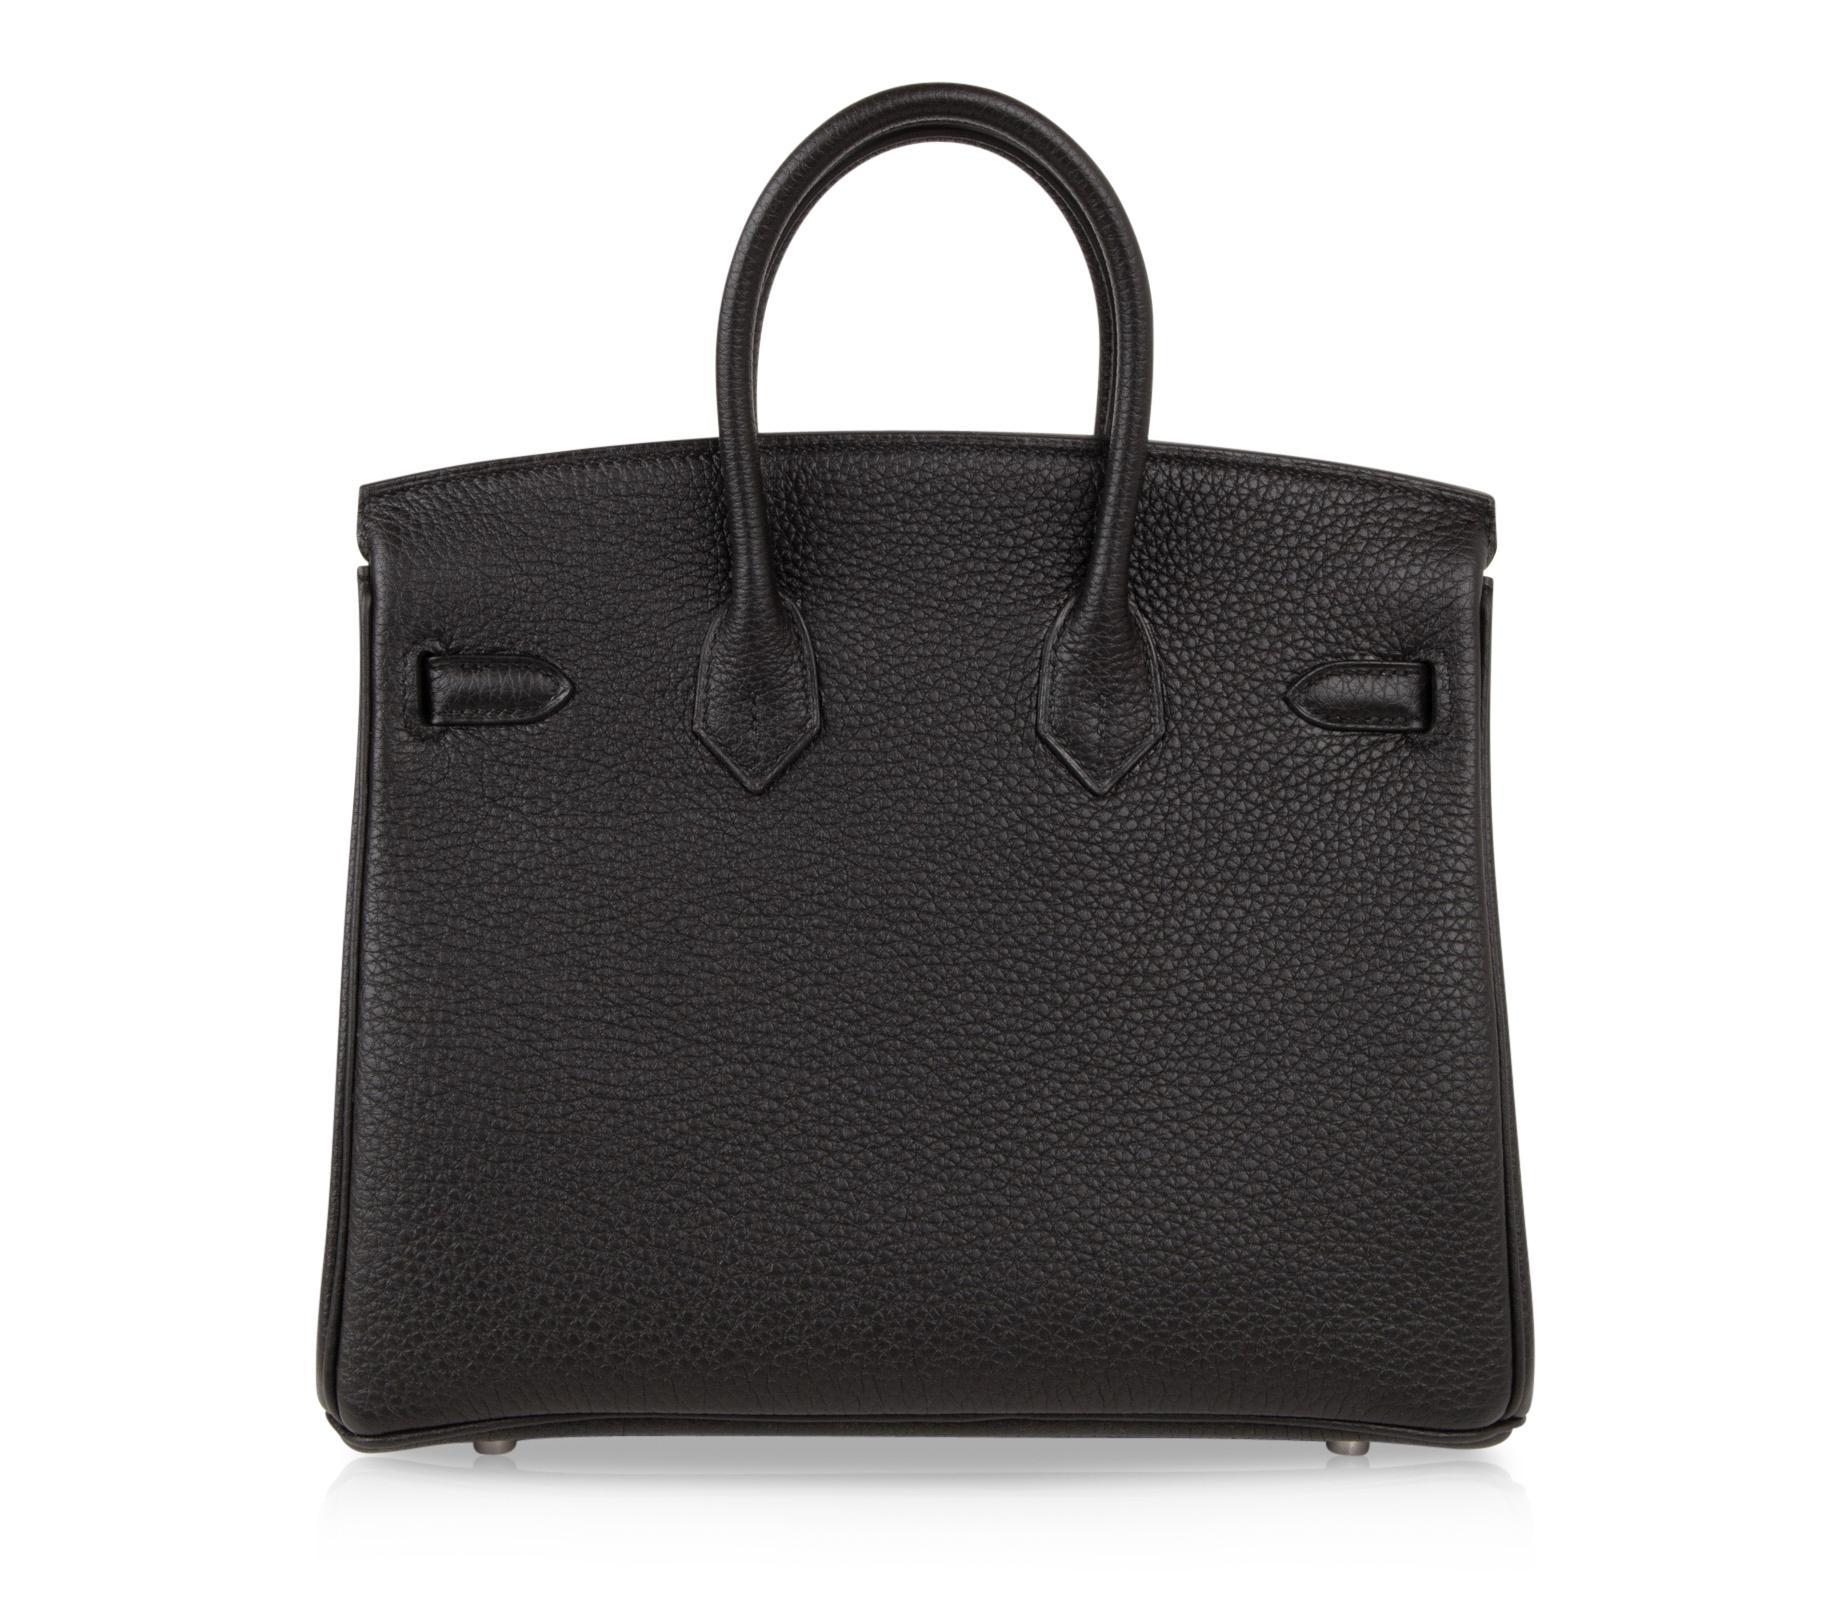 e7ffc5204d Hermes Birkin 25 Bag Black Togo Palladium Hardware For Sale at 1stdibs